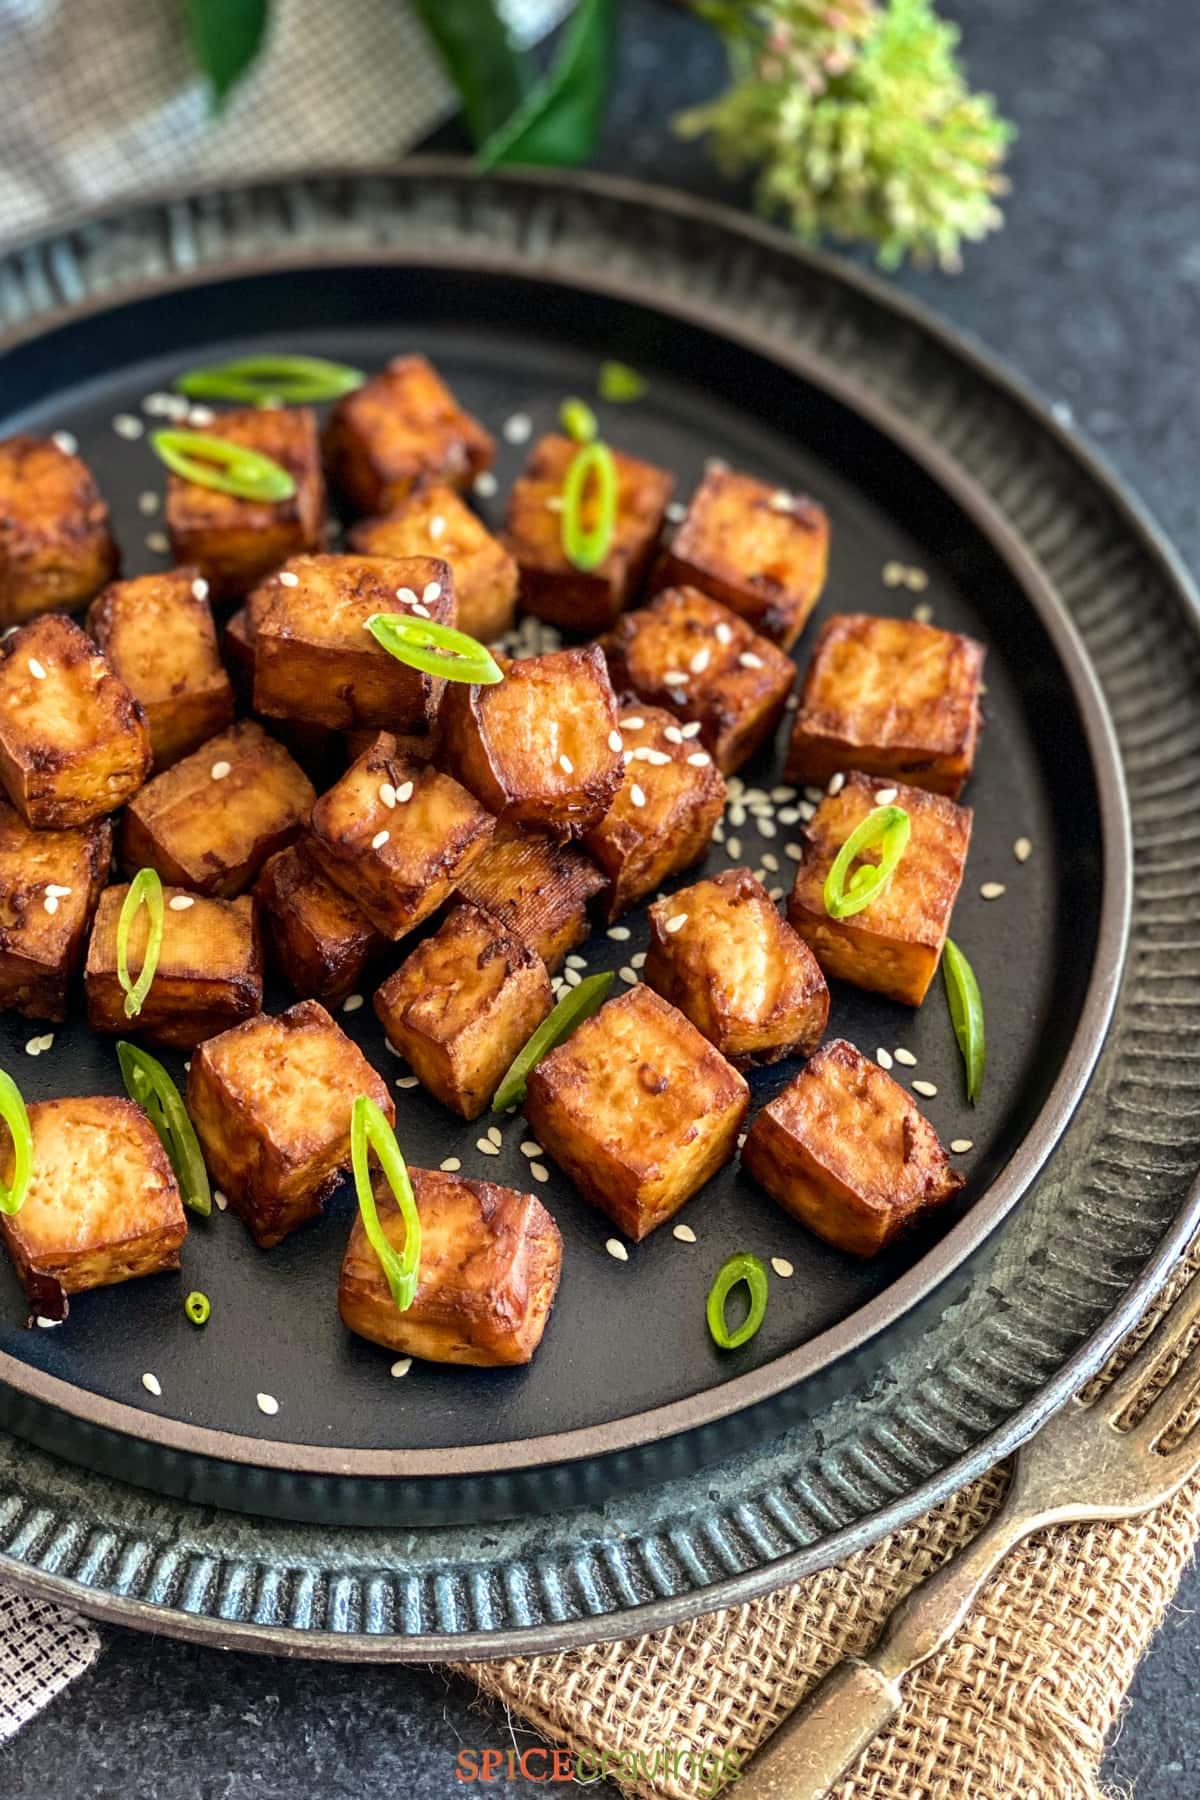 Marinated tofu on a black plate